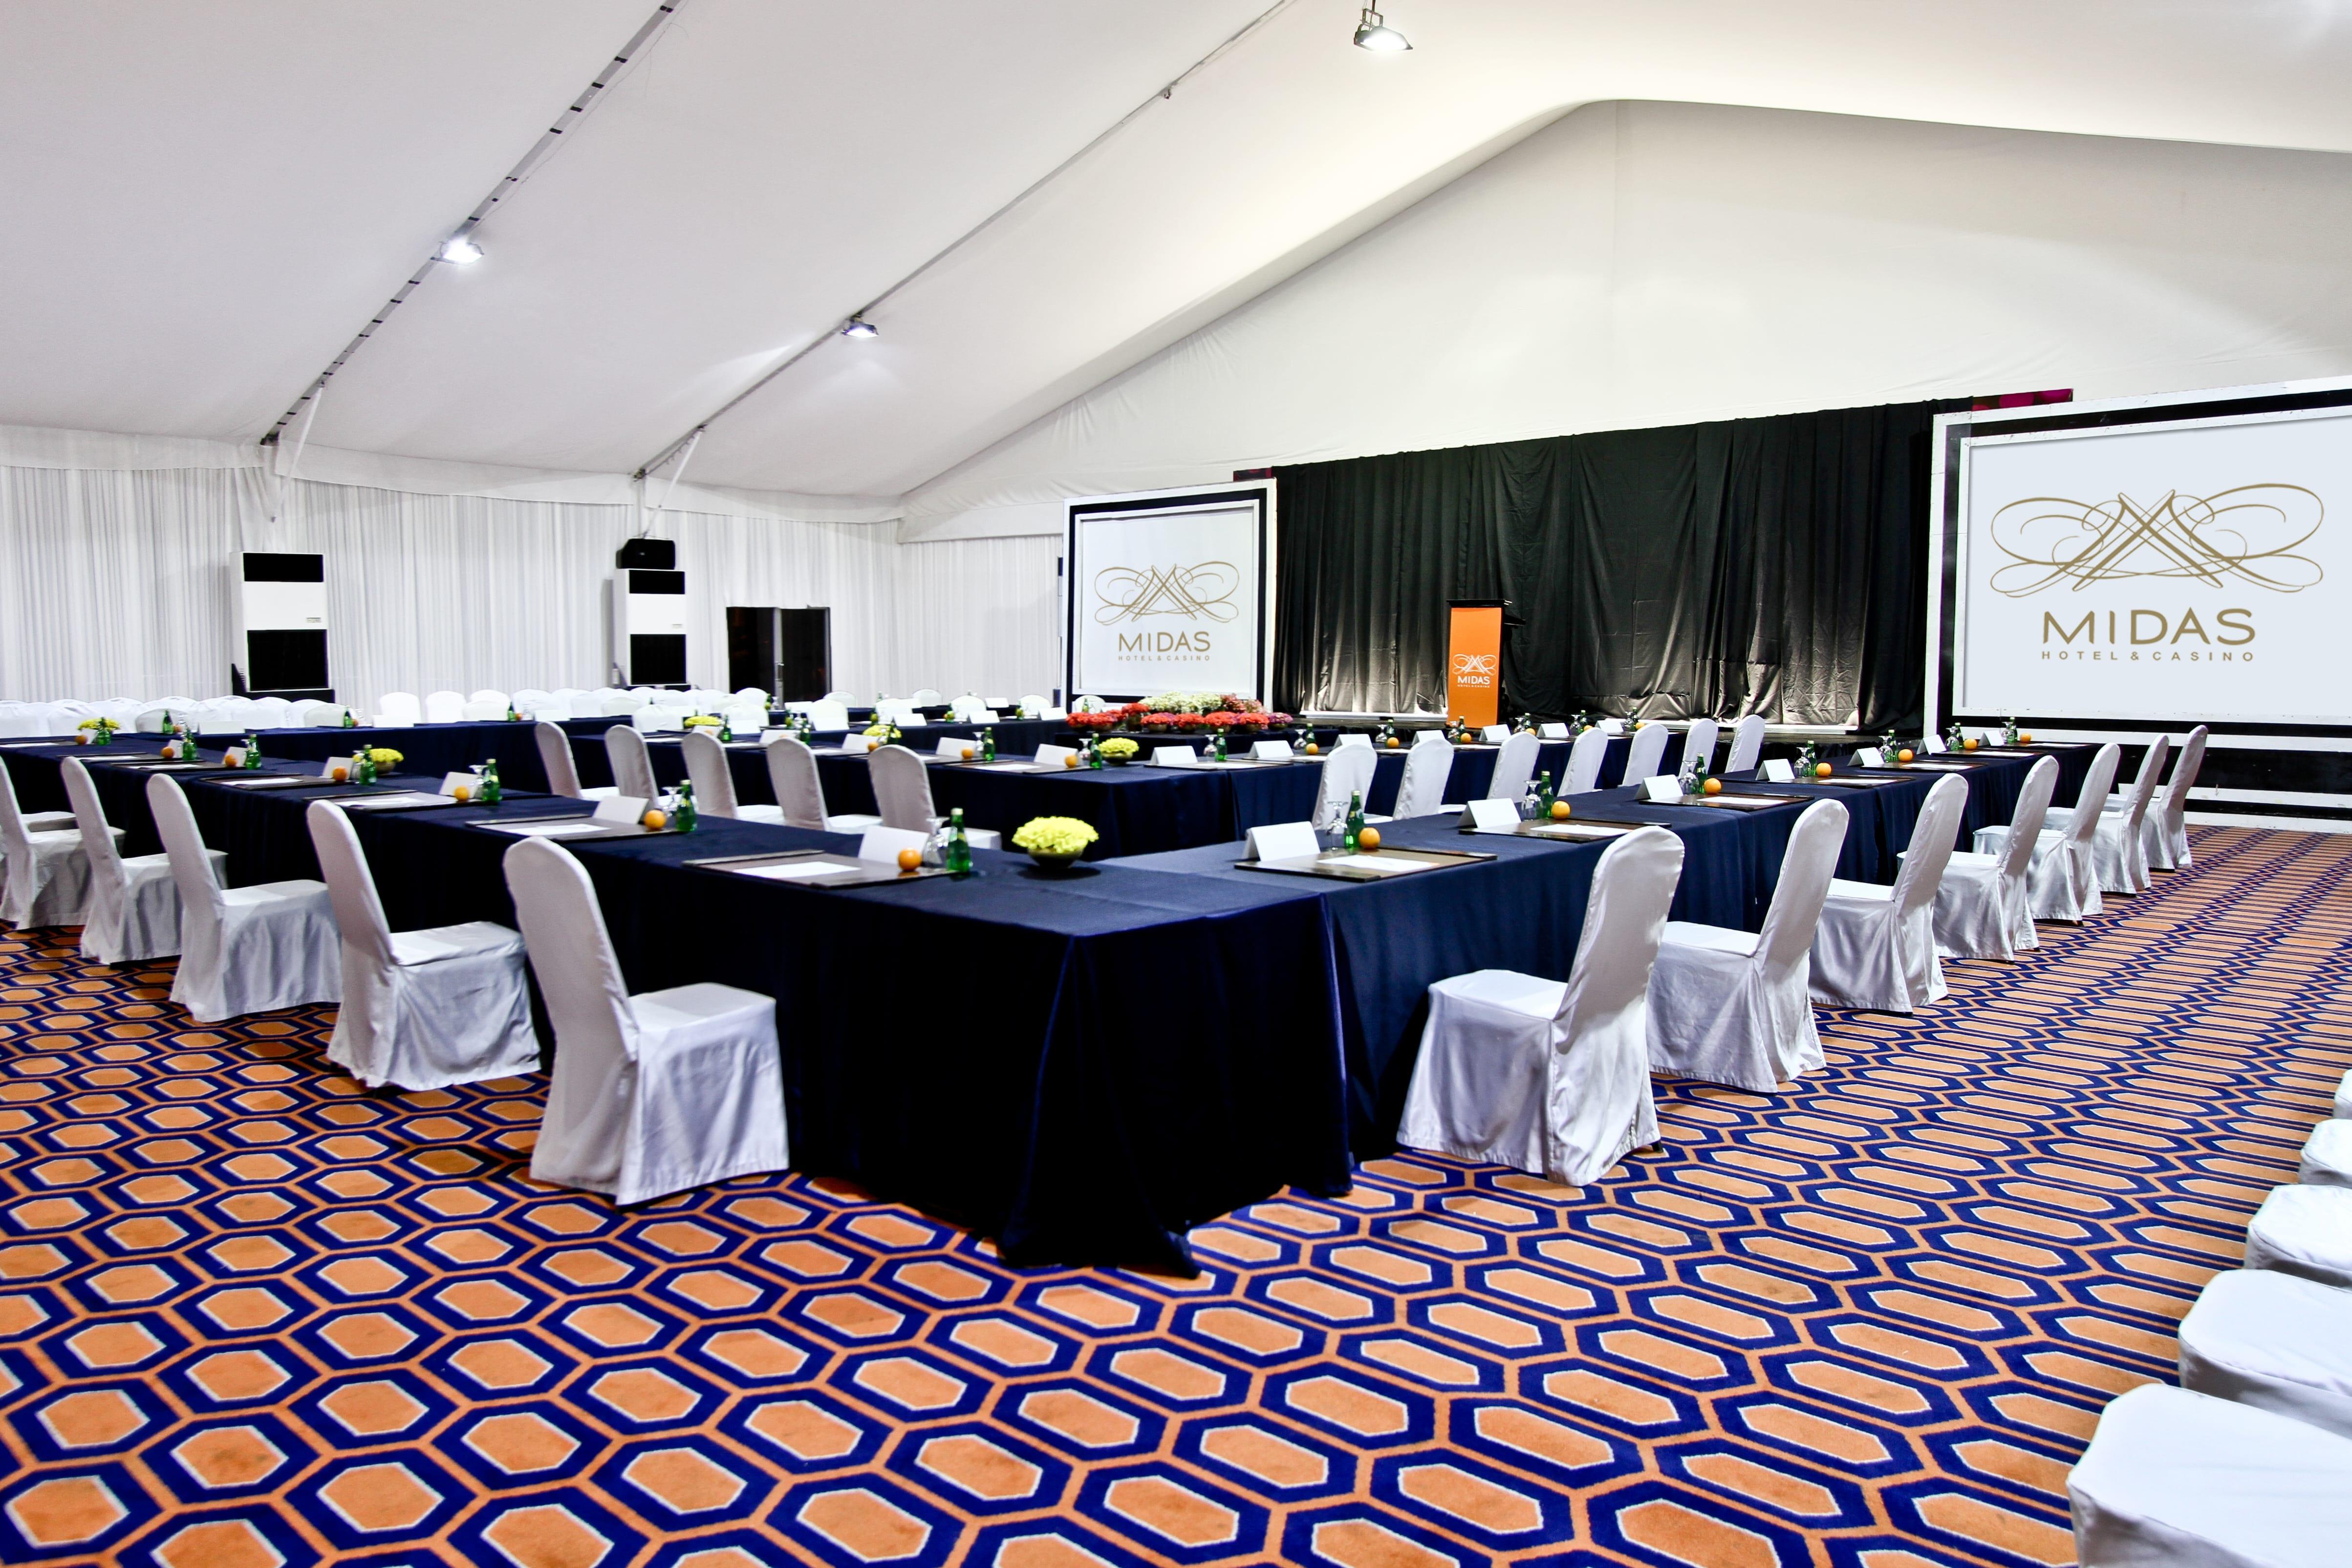 midas event venue